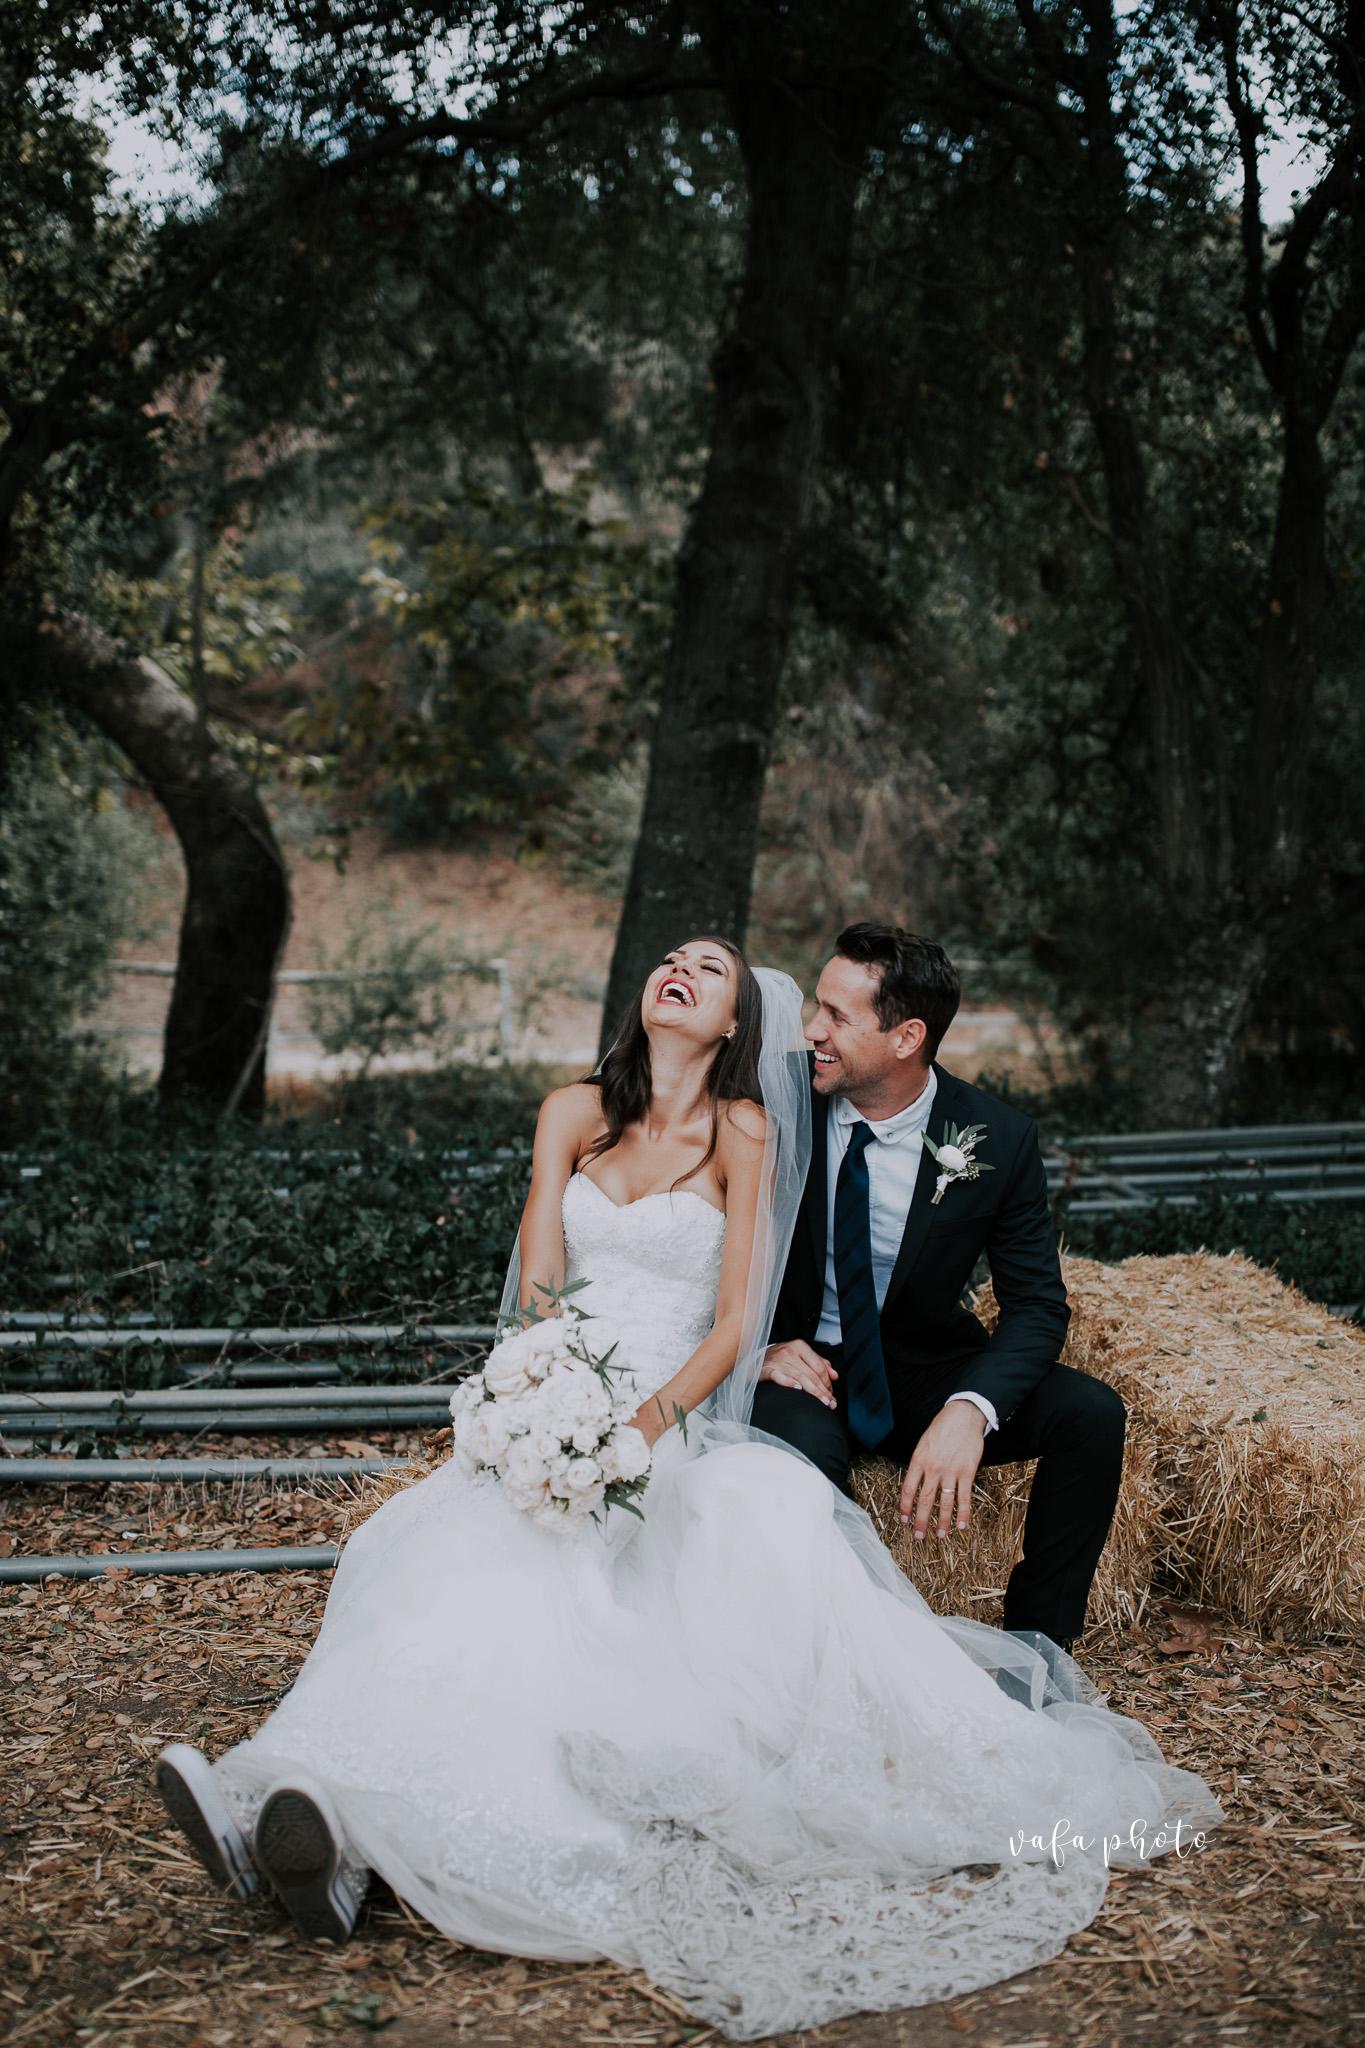 Southern-California-Wedding-Britt-Nilsson-Jeremy-Byrne-Vafa-Photo-580.jpg